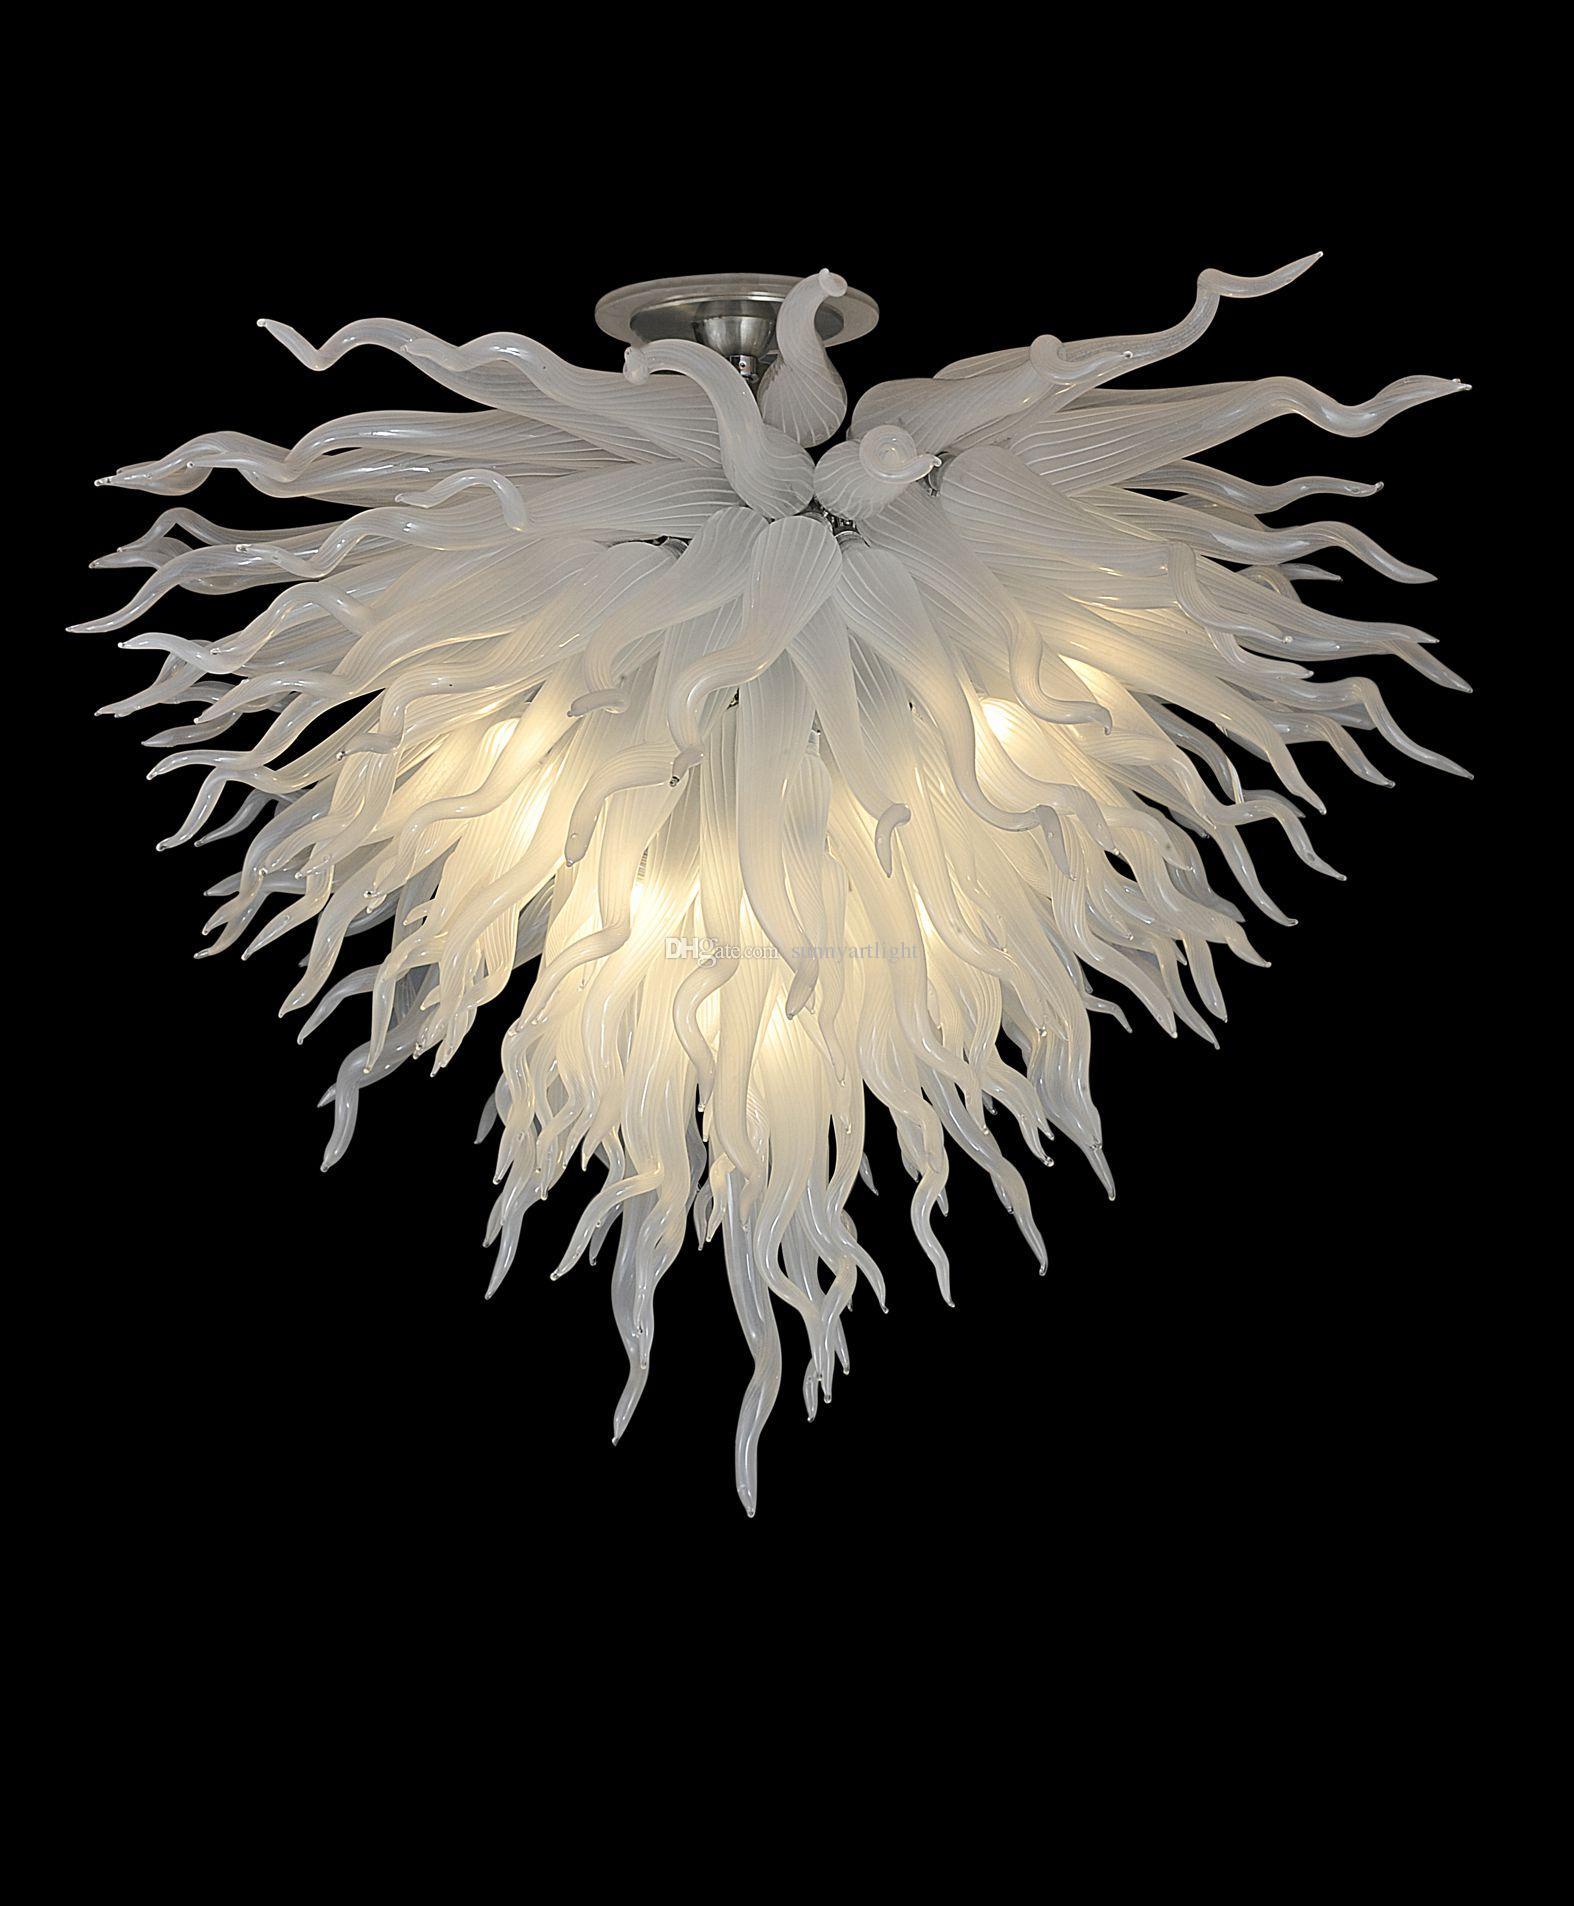 Grande vendita Chihuly stile Lampadario Art Design Frosted Mano Bianca soffiato a soffitto in vetro di Murano Lights Designer